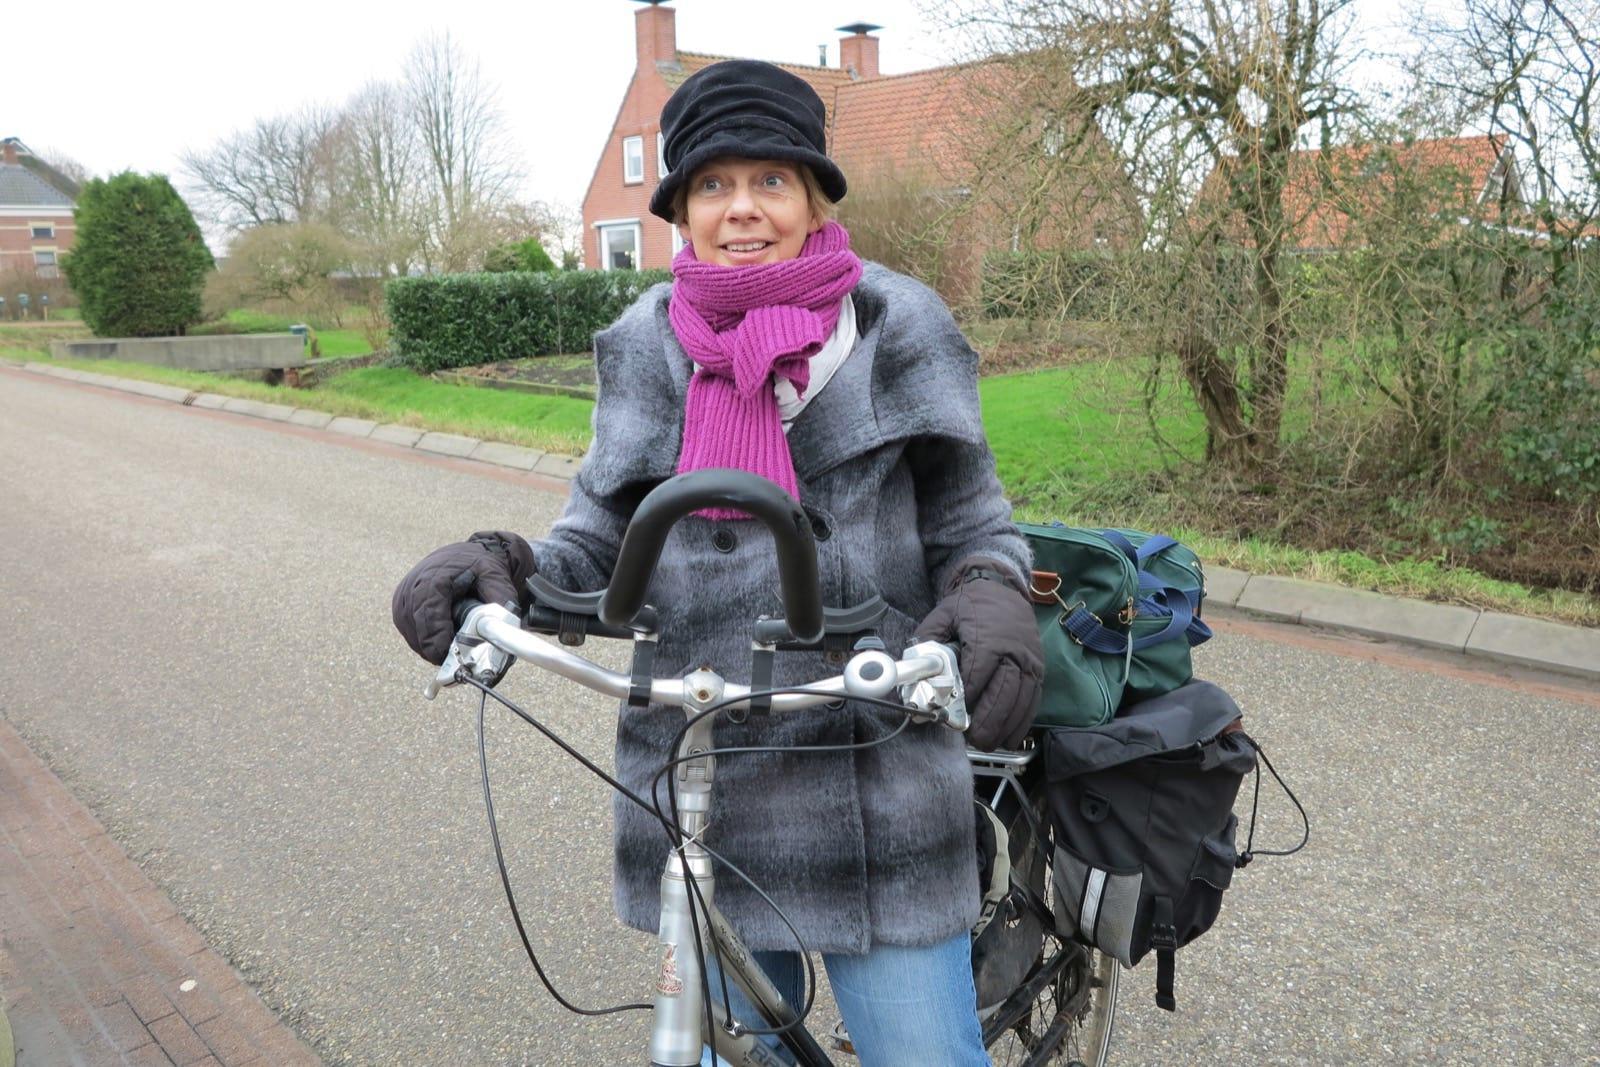 et-fiets-en-fietser-03-anja-ensing-oi.jpg